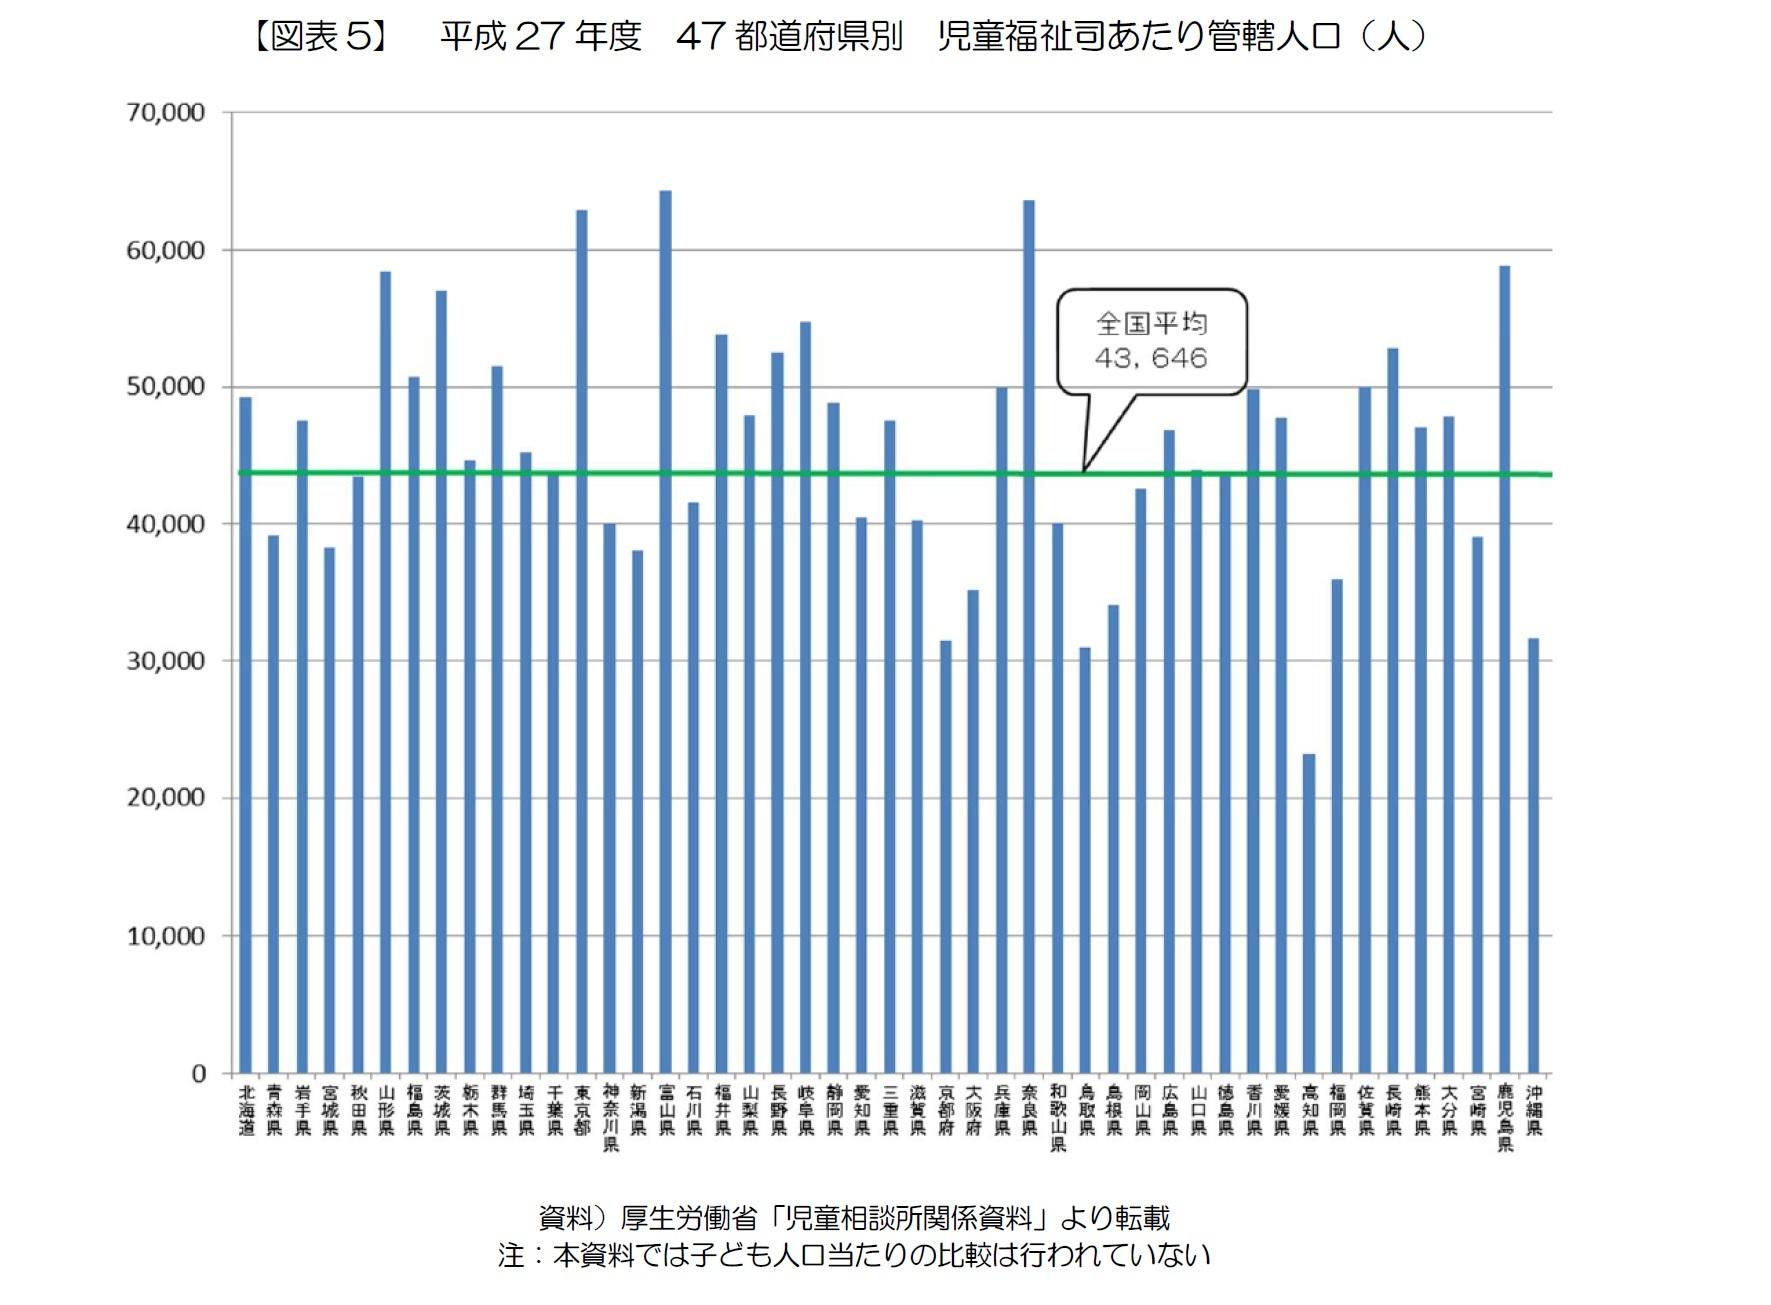 【図表5】 平成27年度 47都道府県別 児童福祉司あたり管轄人口(人)